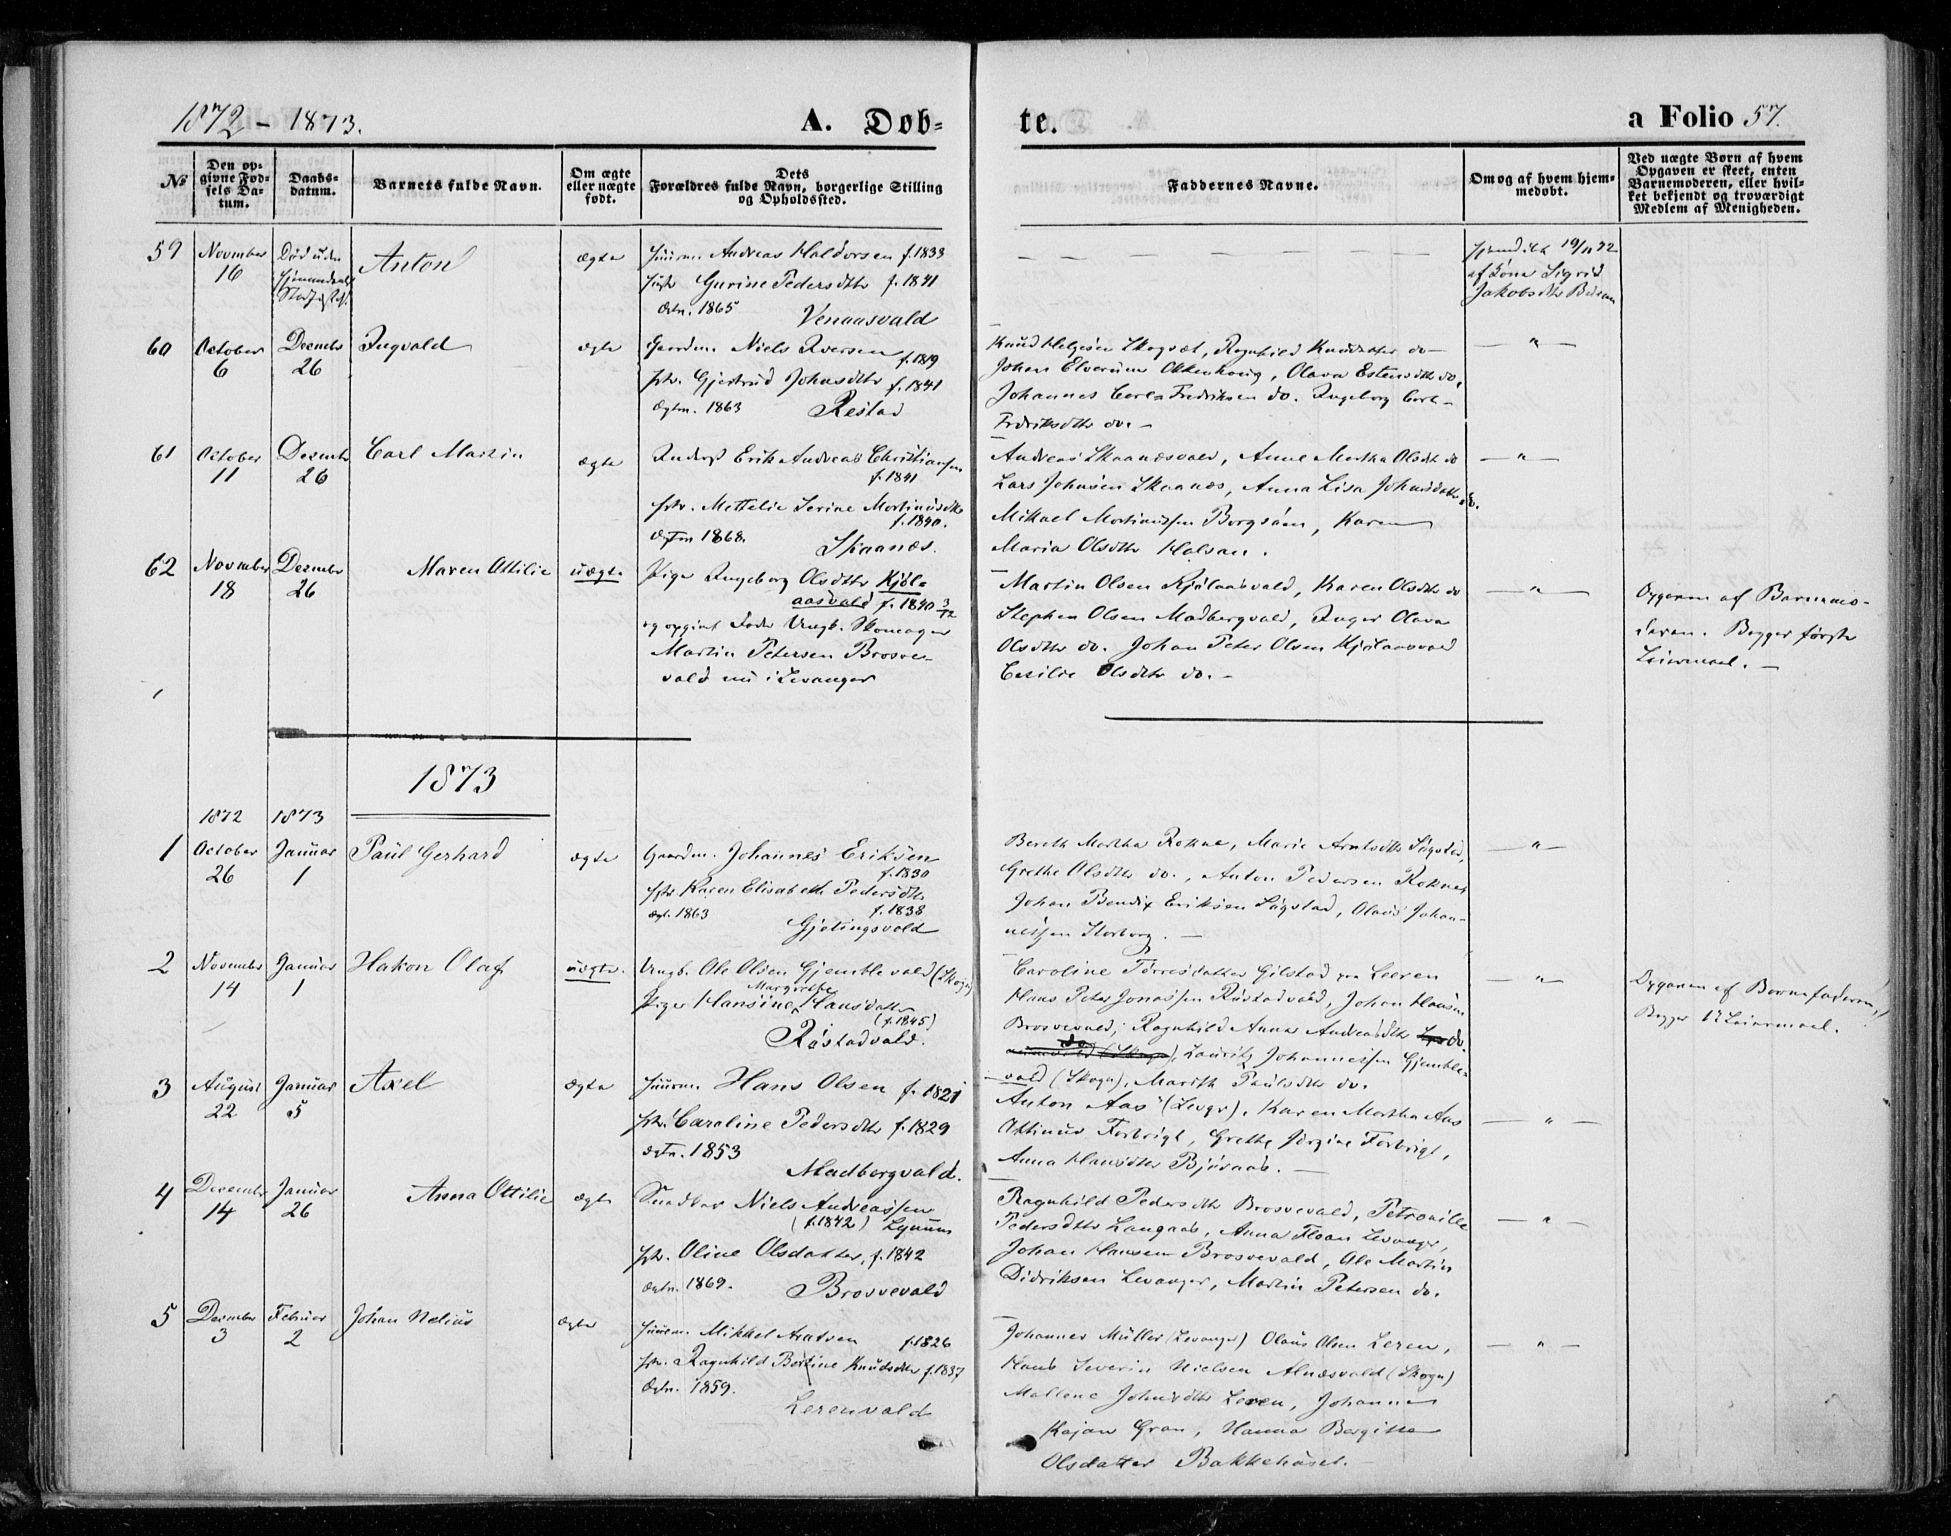 SAT, Ministerialprotokoller, klokkerbøker og fødselsregistre - Nord-Trøndelag, 721/L0206: Ministerialbok nr. 721A01, 1864-1874, s. 57